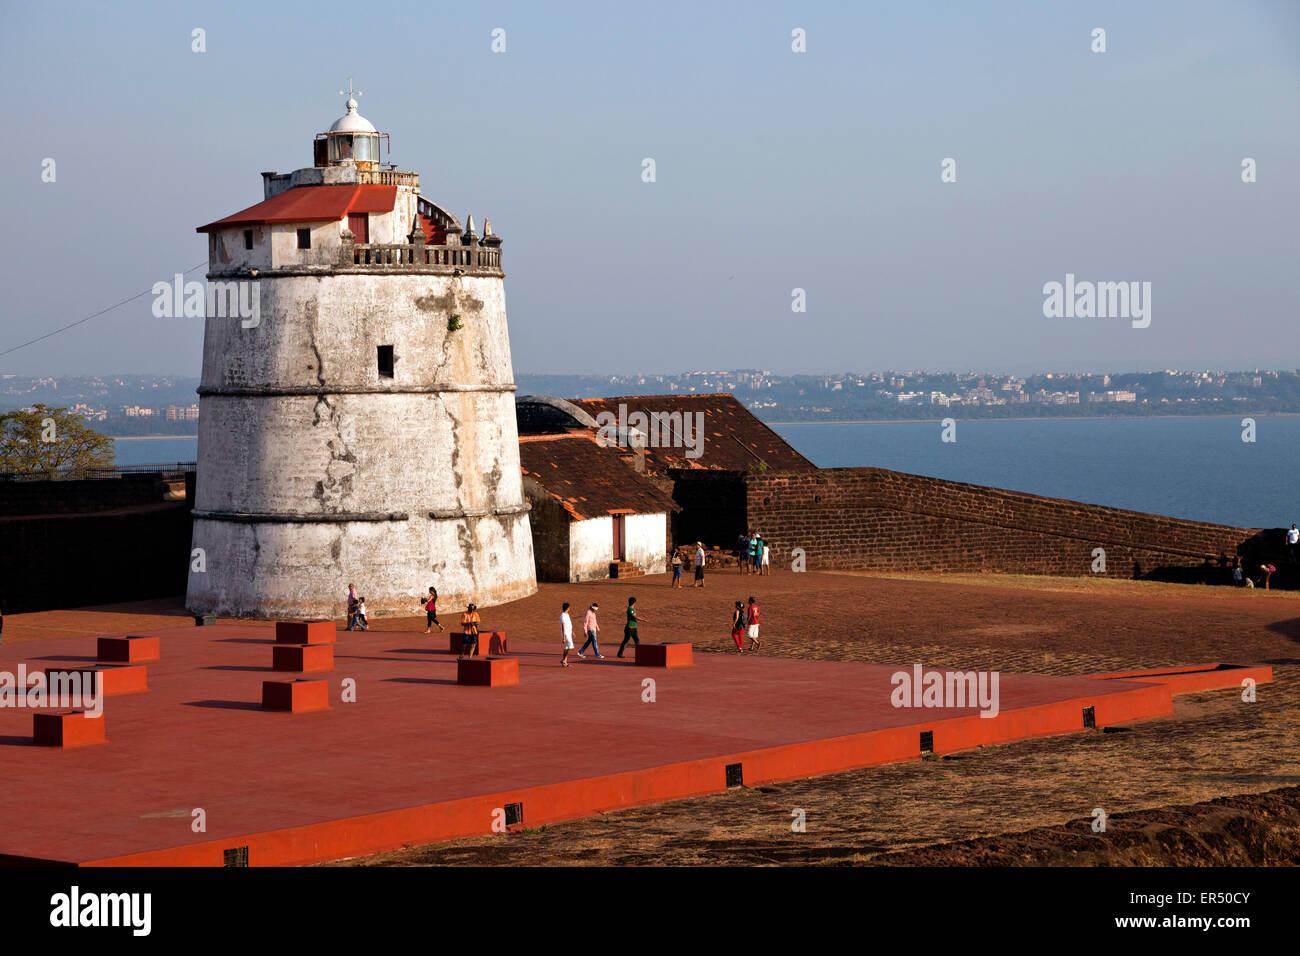 Aguada Fort Und Leuchtturm eine der Küste Bei Candolim, Goa, Indien, Asien |  Aguada Fort und Leuchtturm am Stockbild